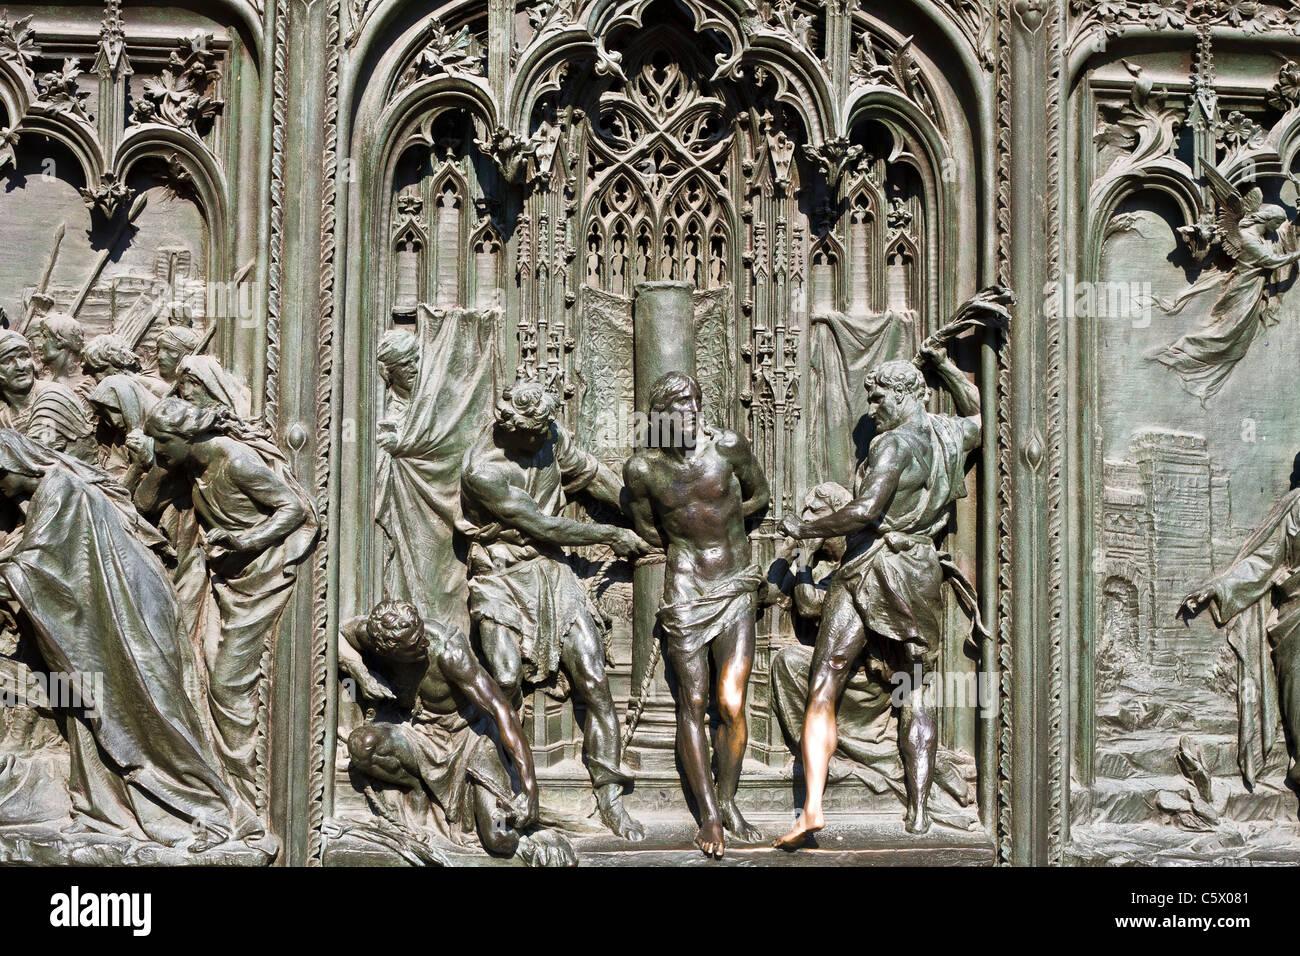 Detail of Milan Cathedral doors - Stock Image